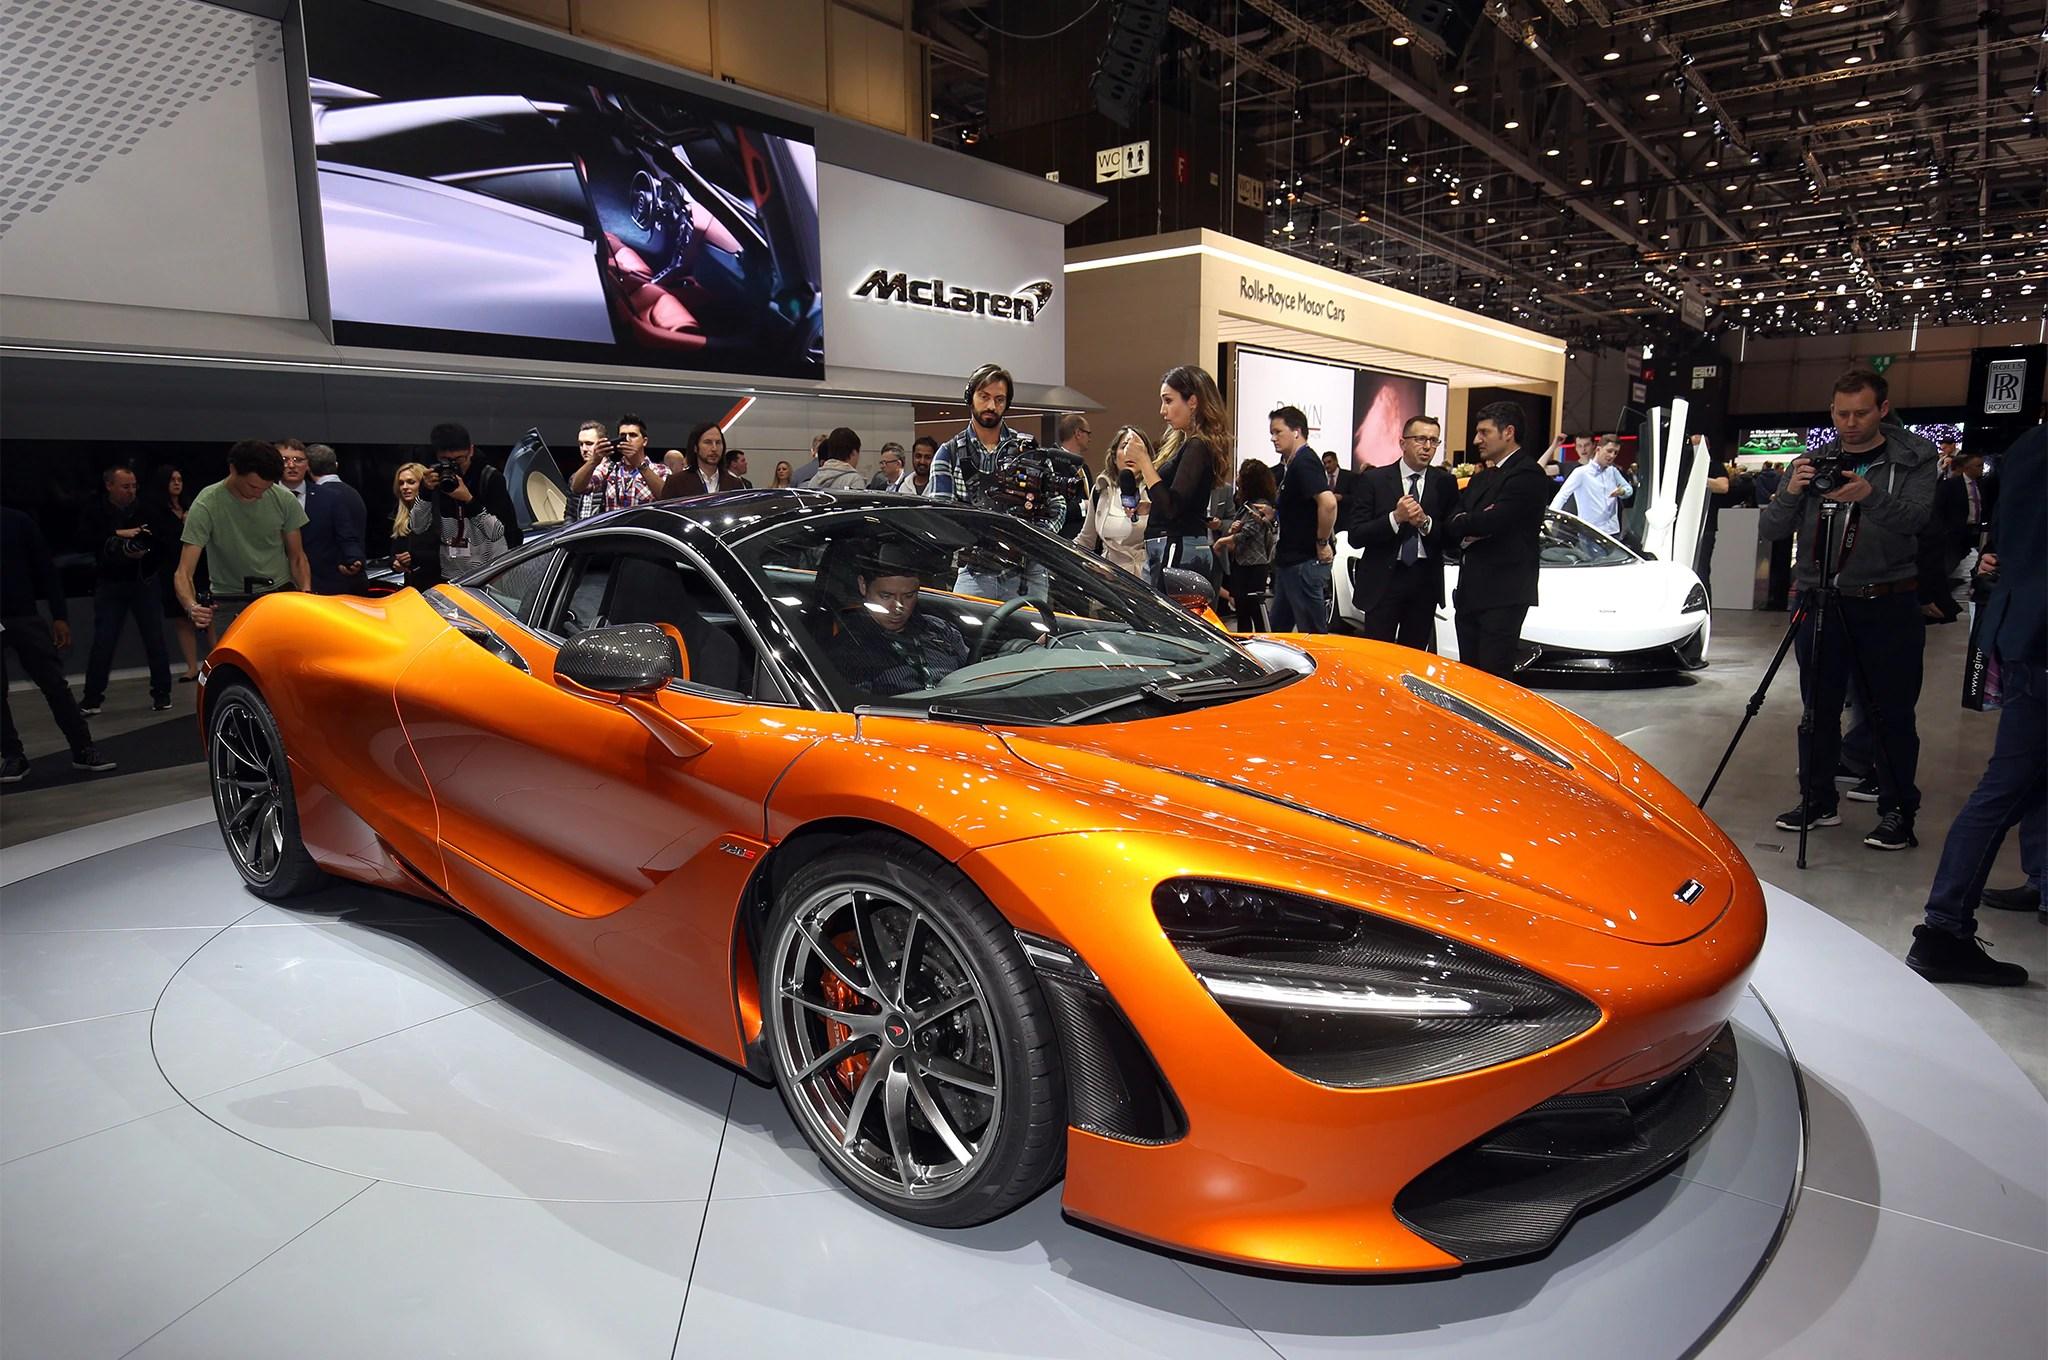 2018-McLaren-720S-front-three-quarter-02 Exciting Lamborghini Huracán Lp 610-4 Cena Cars Trend